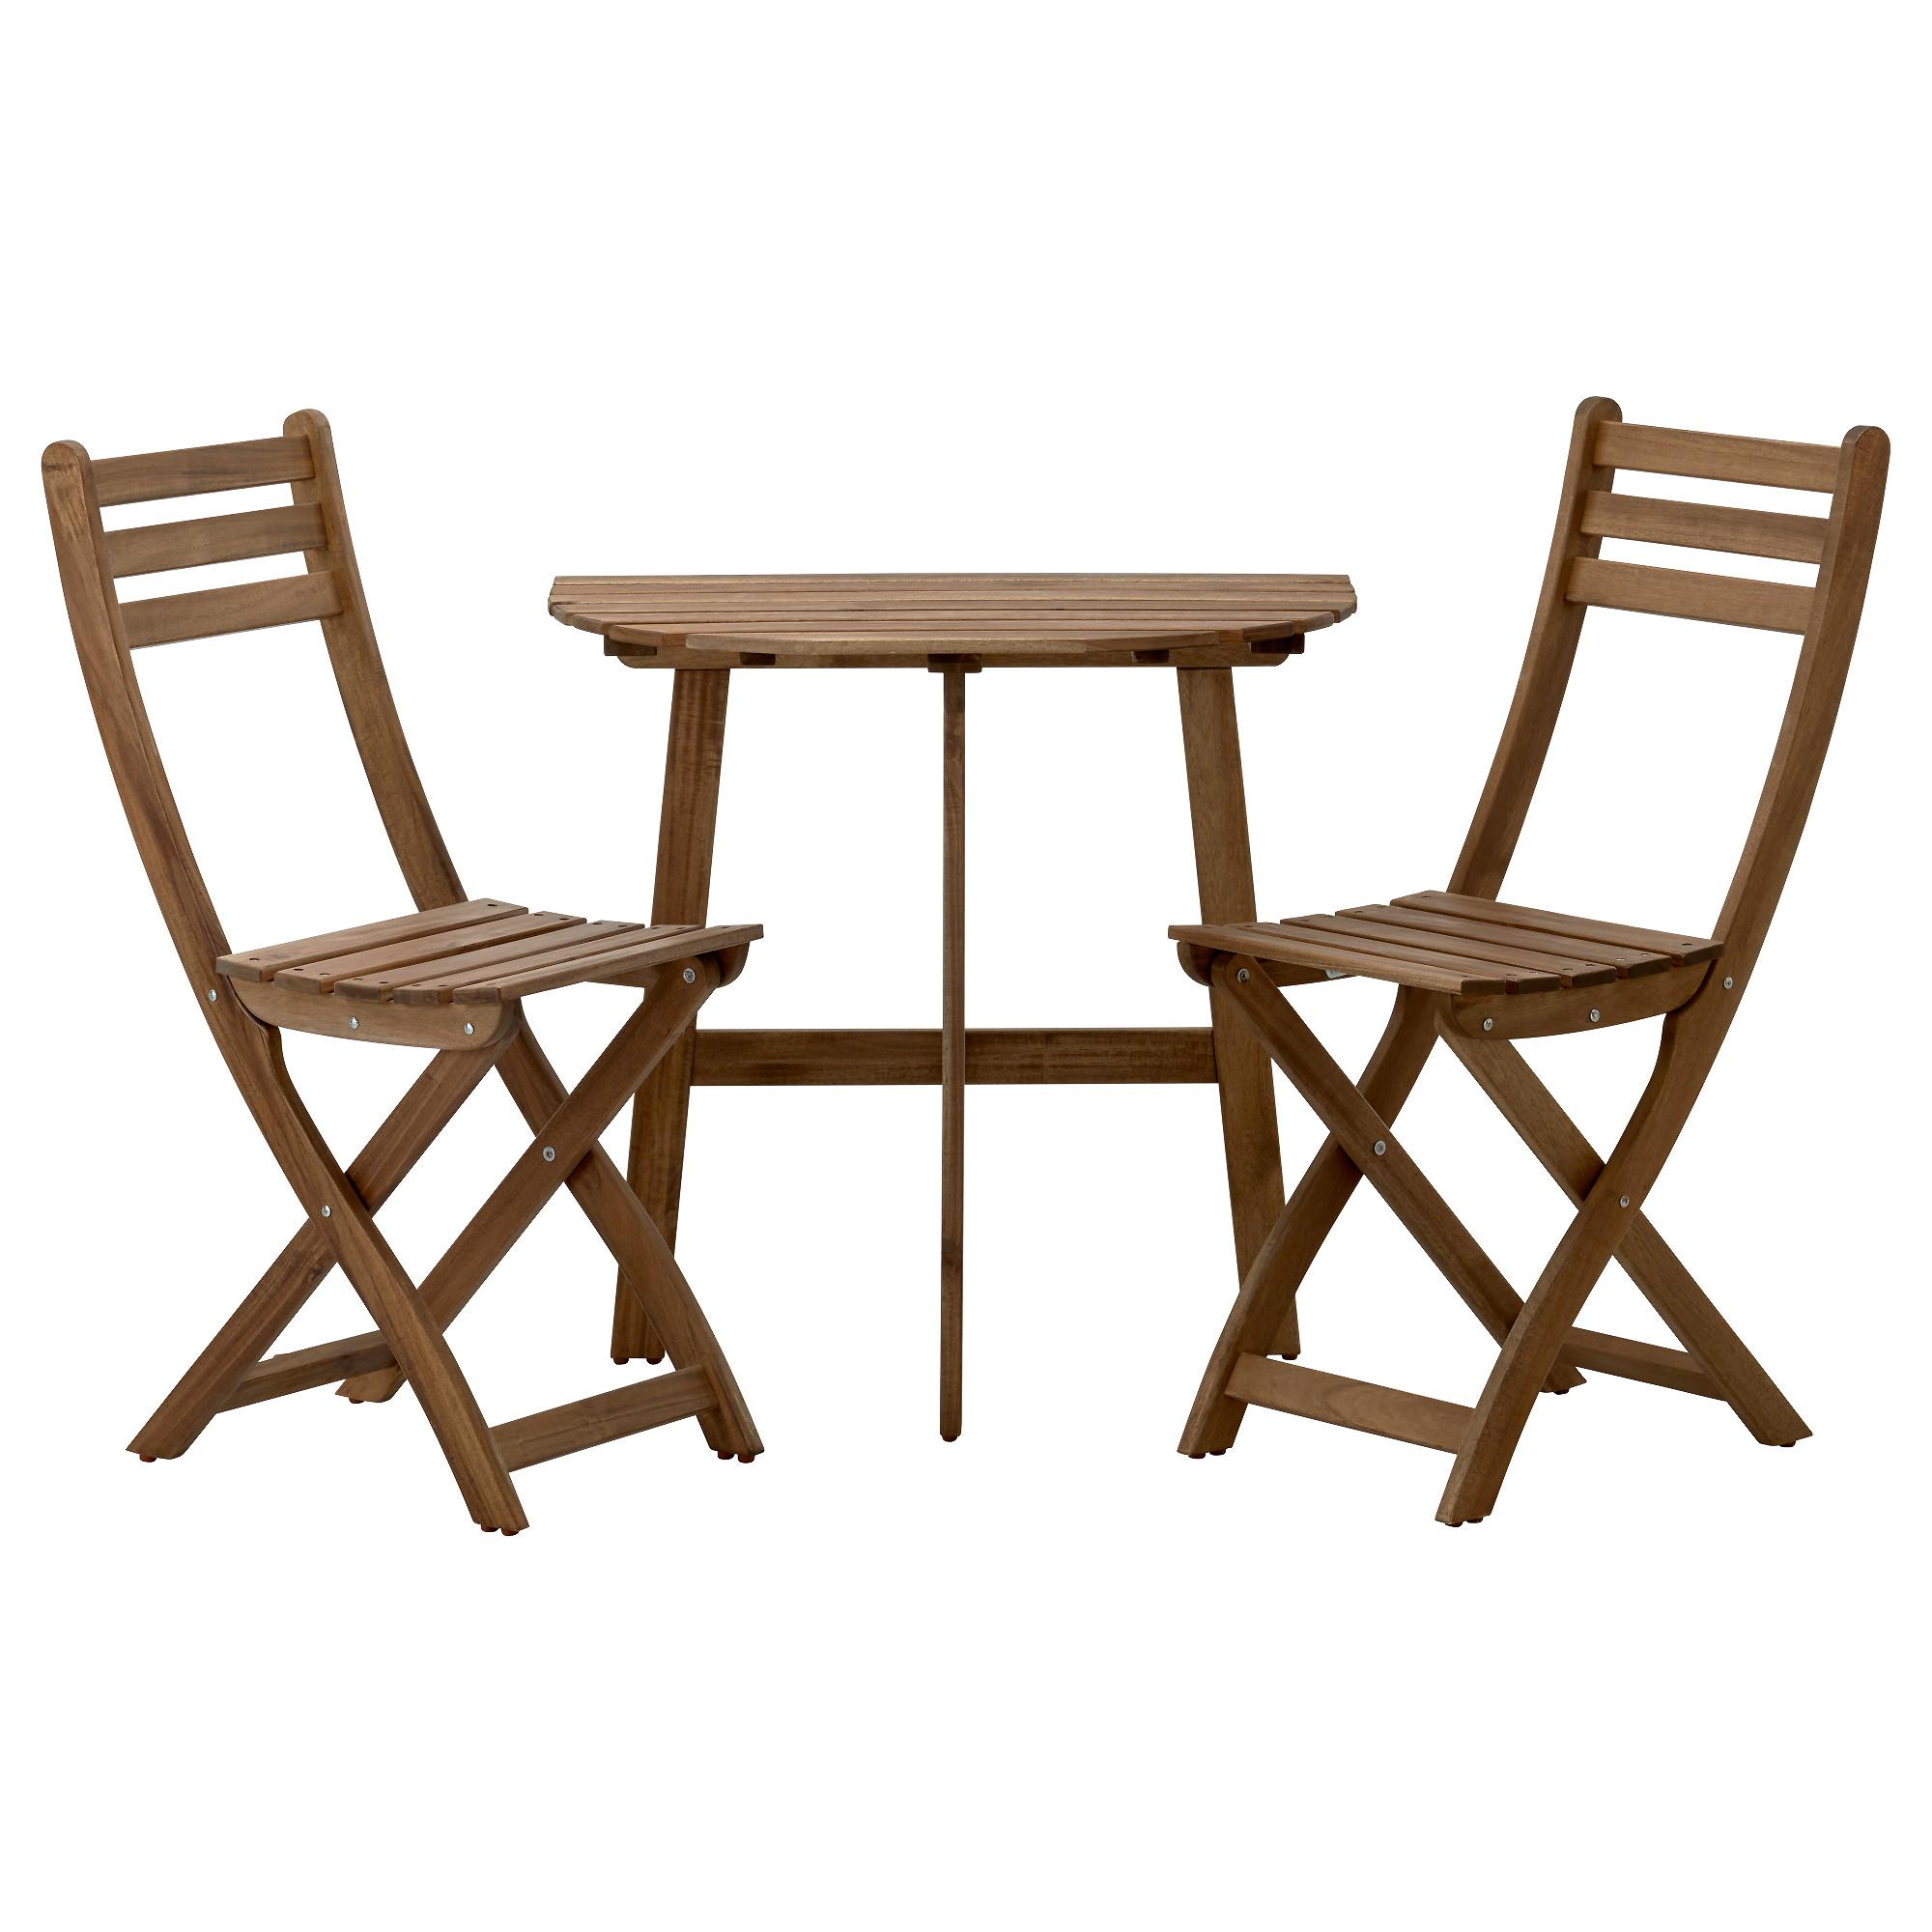 Купить балконный стол+2 складных стула аскхольмен, серый, ко.